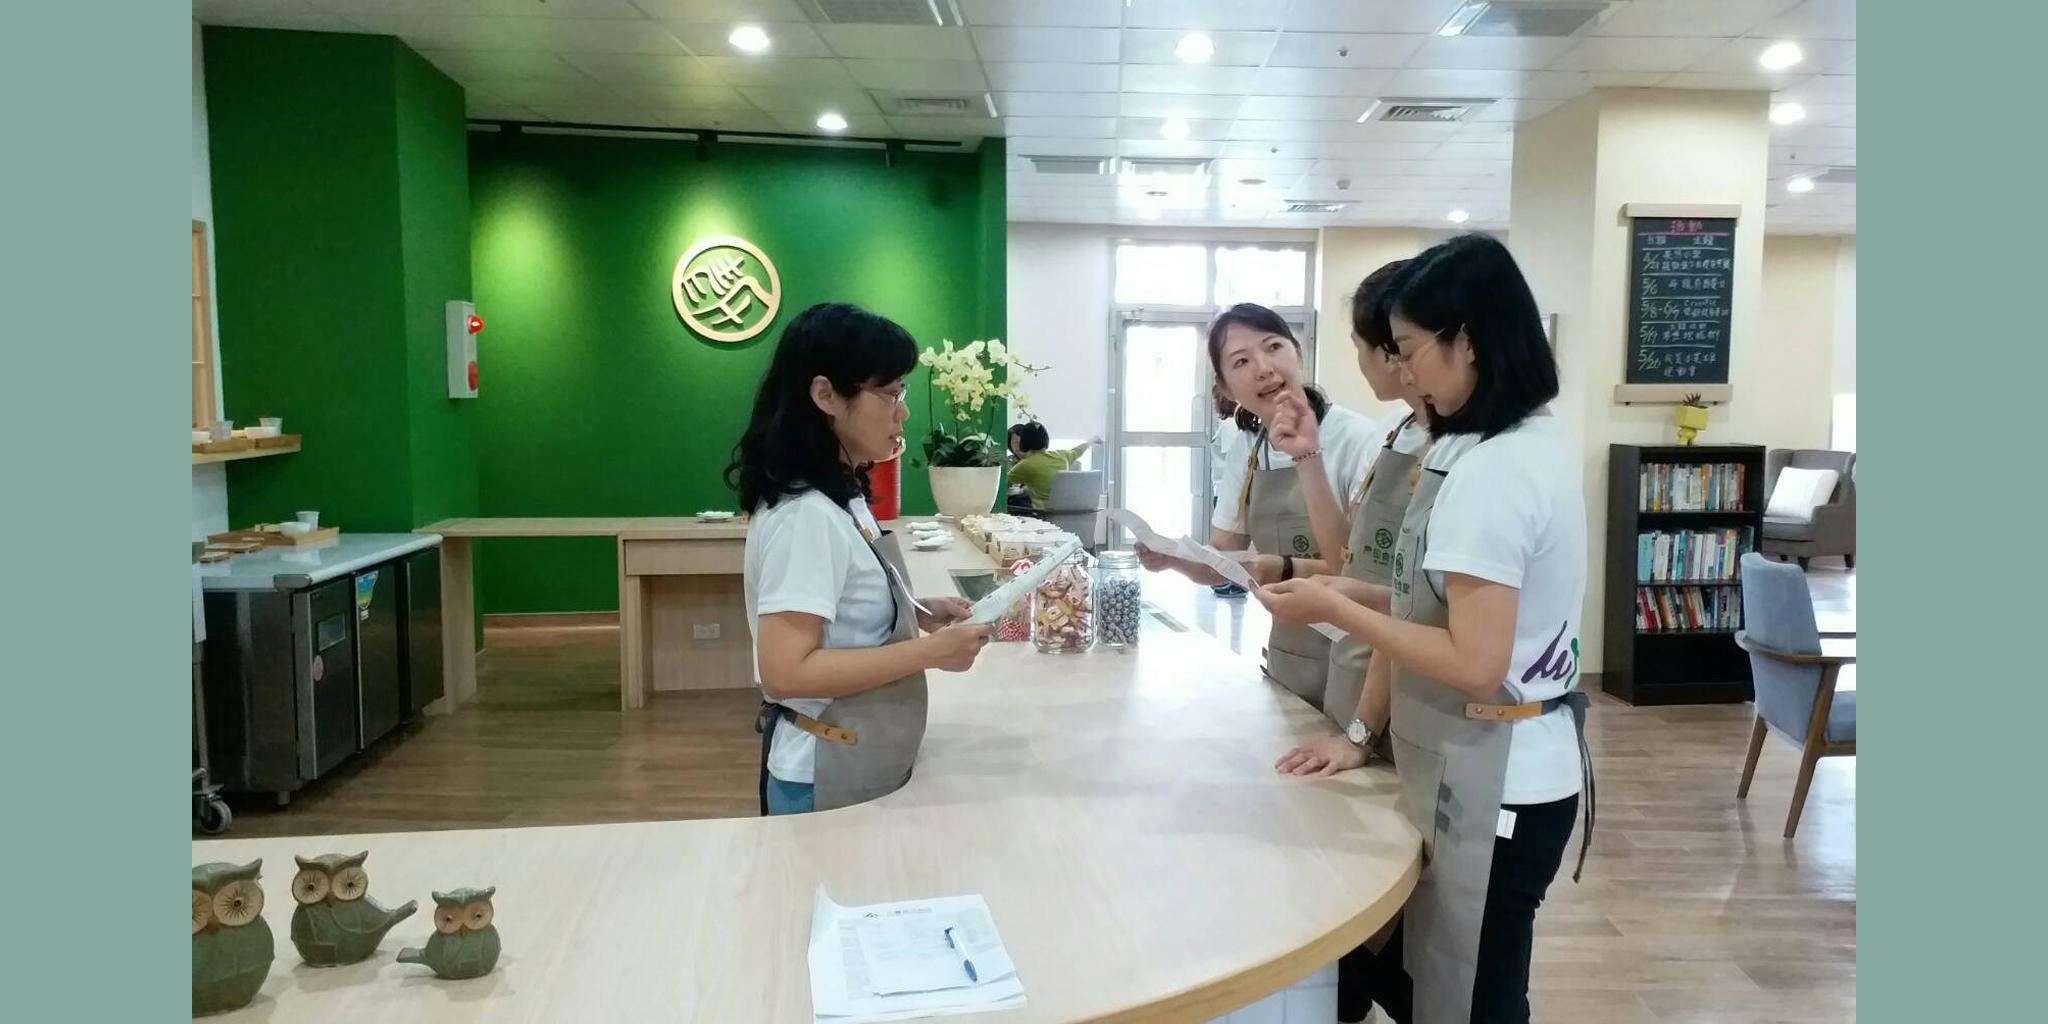 「青田食堂」提供從喘息服務、身心靈療癒到照顧技巧課程一應俱全。(青田食堂提供)。